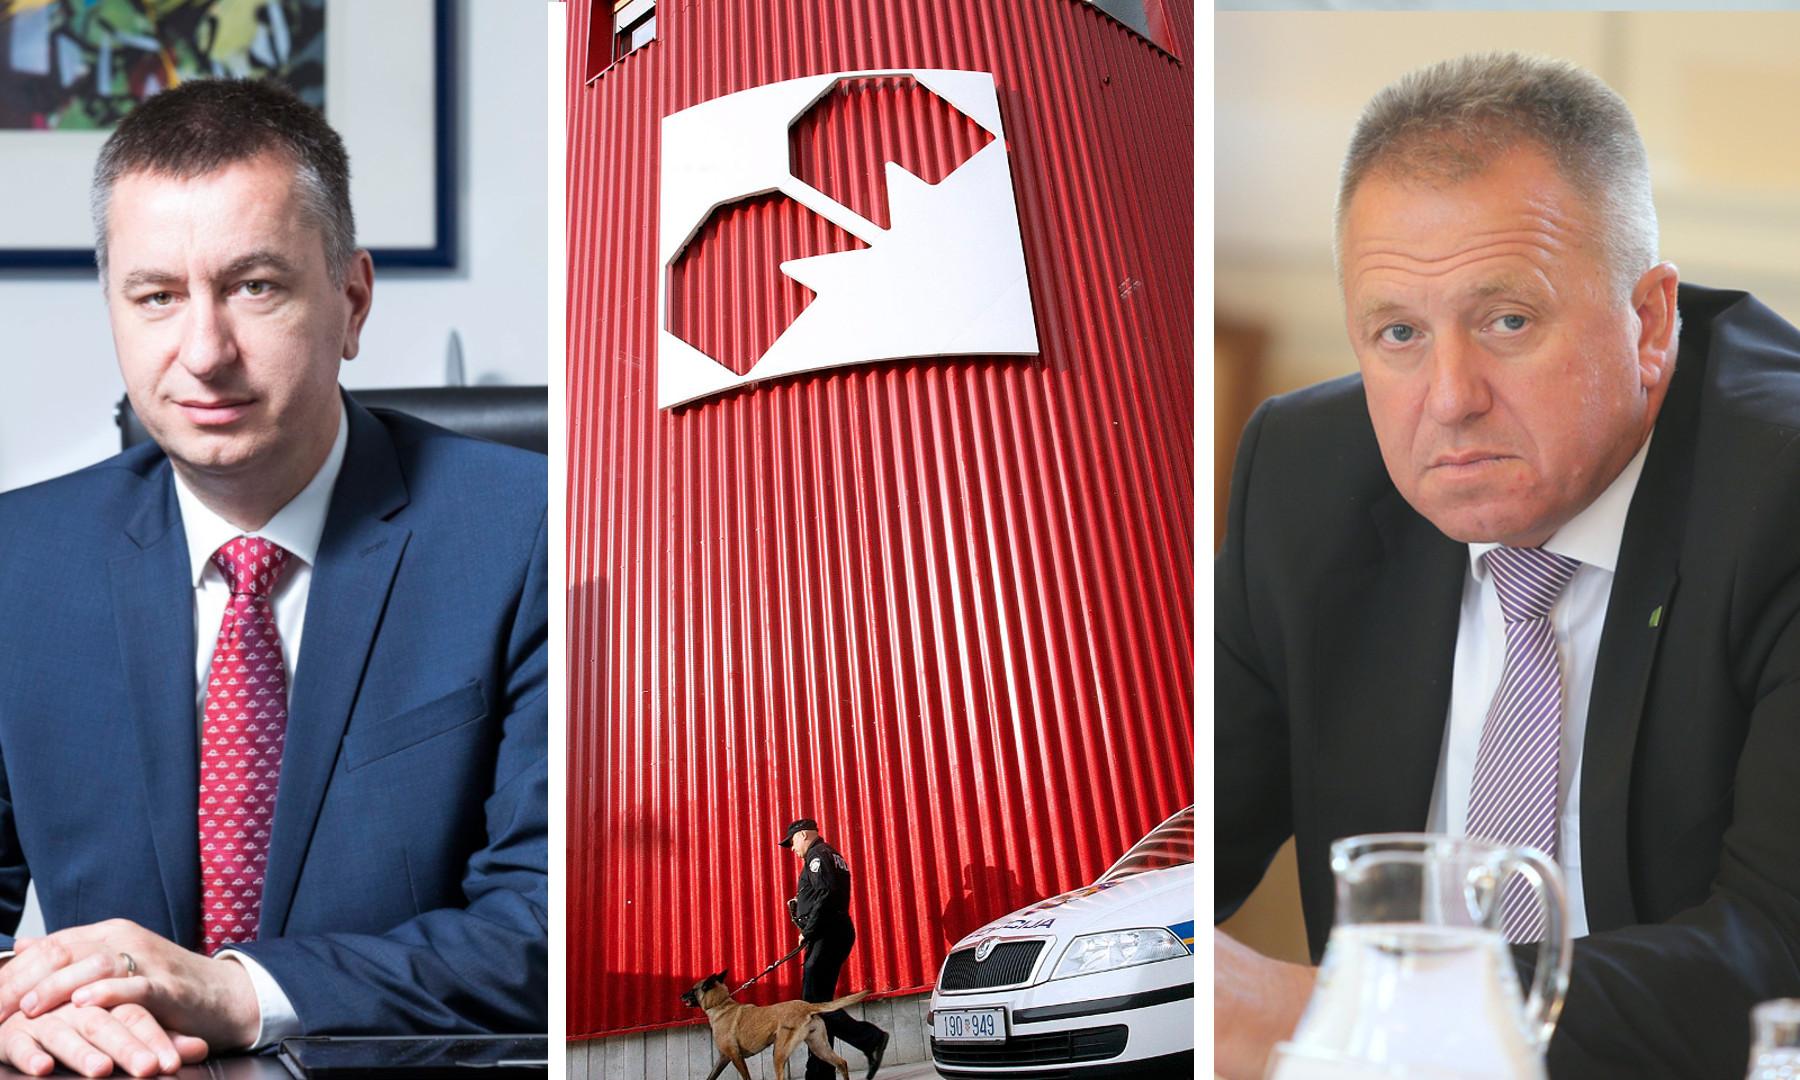 Fabris Peruško i ministar za gospodarski razvoj i tehnologiju Republike Slovenije Zdravko Počivalšek